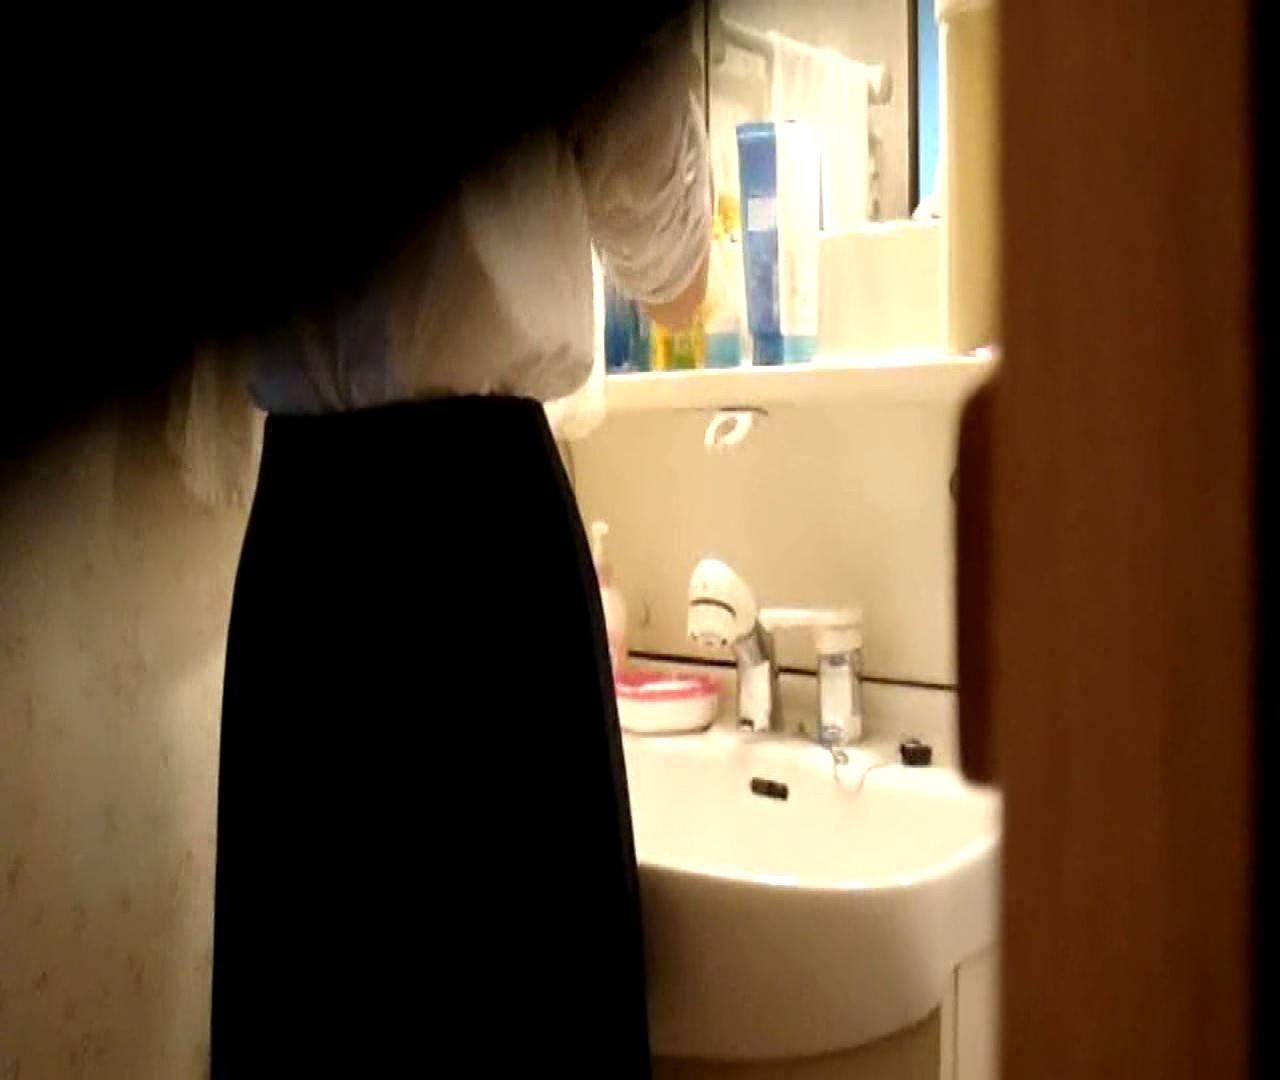 vol.5 まどかが帰宅後の洗顔後にブラを洗ってます。 いじくり  75PIX 45